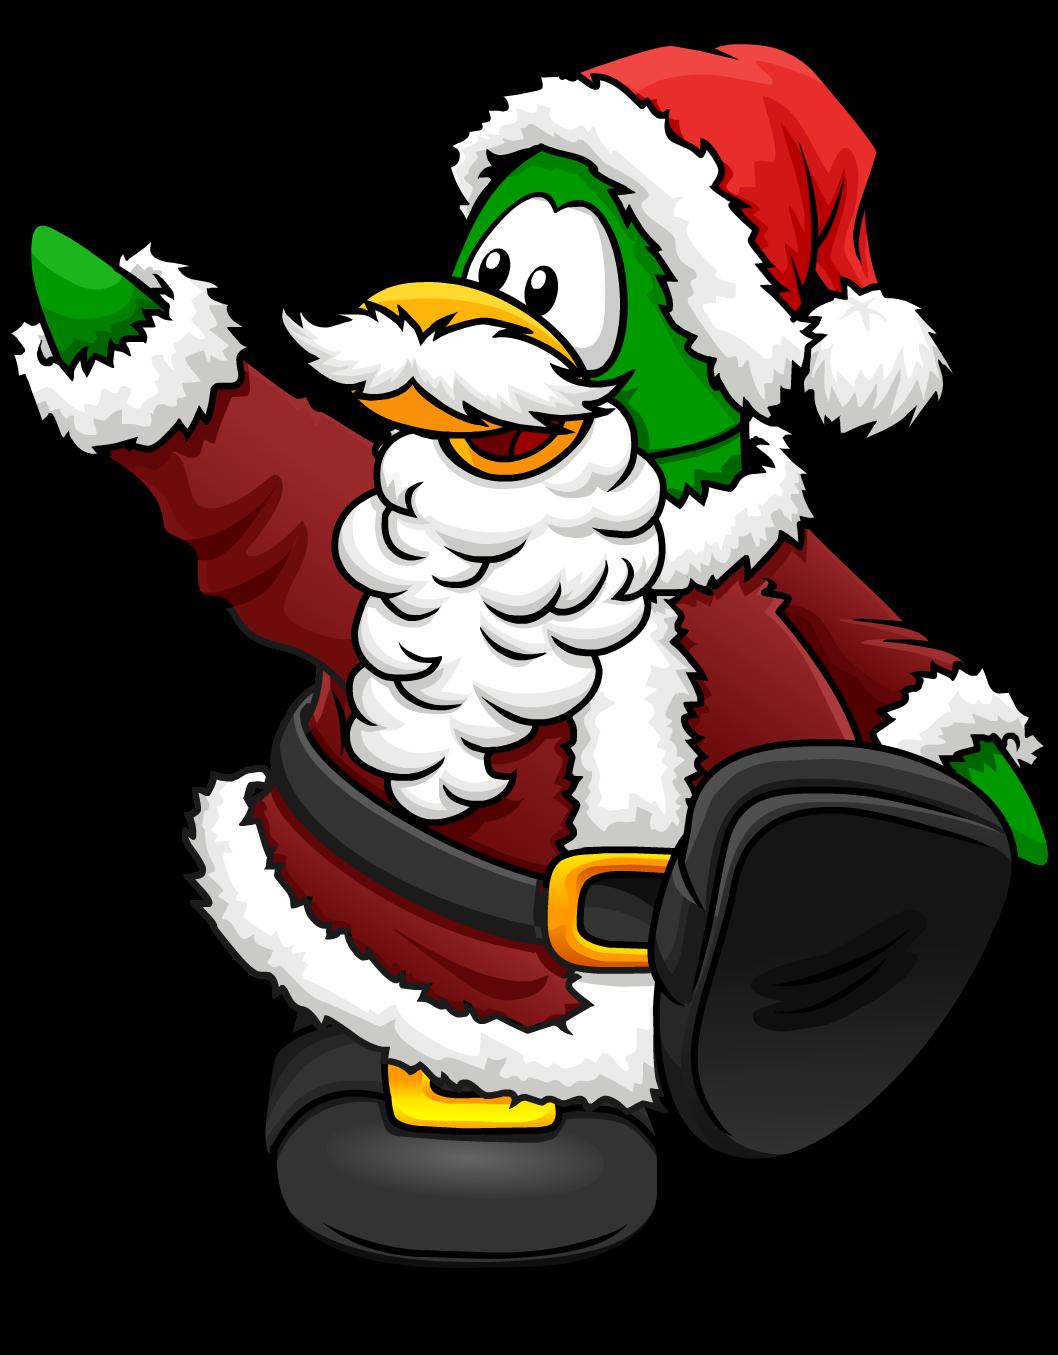 santa claus club penguin wiki fandom powered by wikia